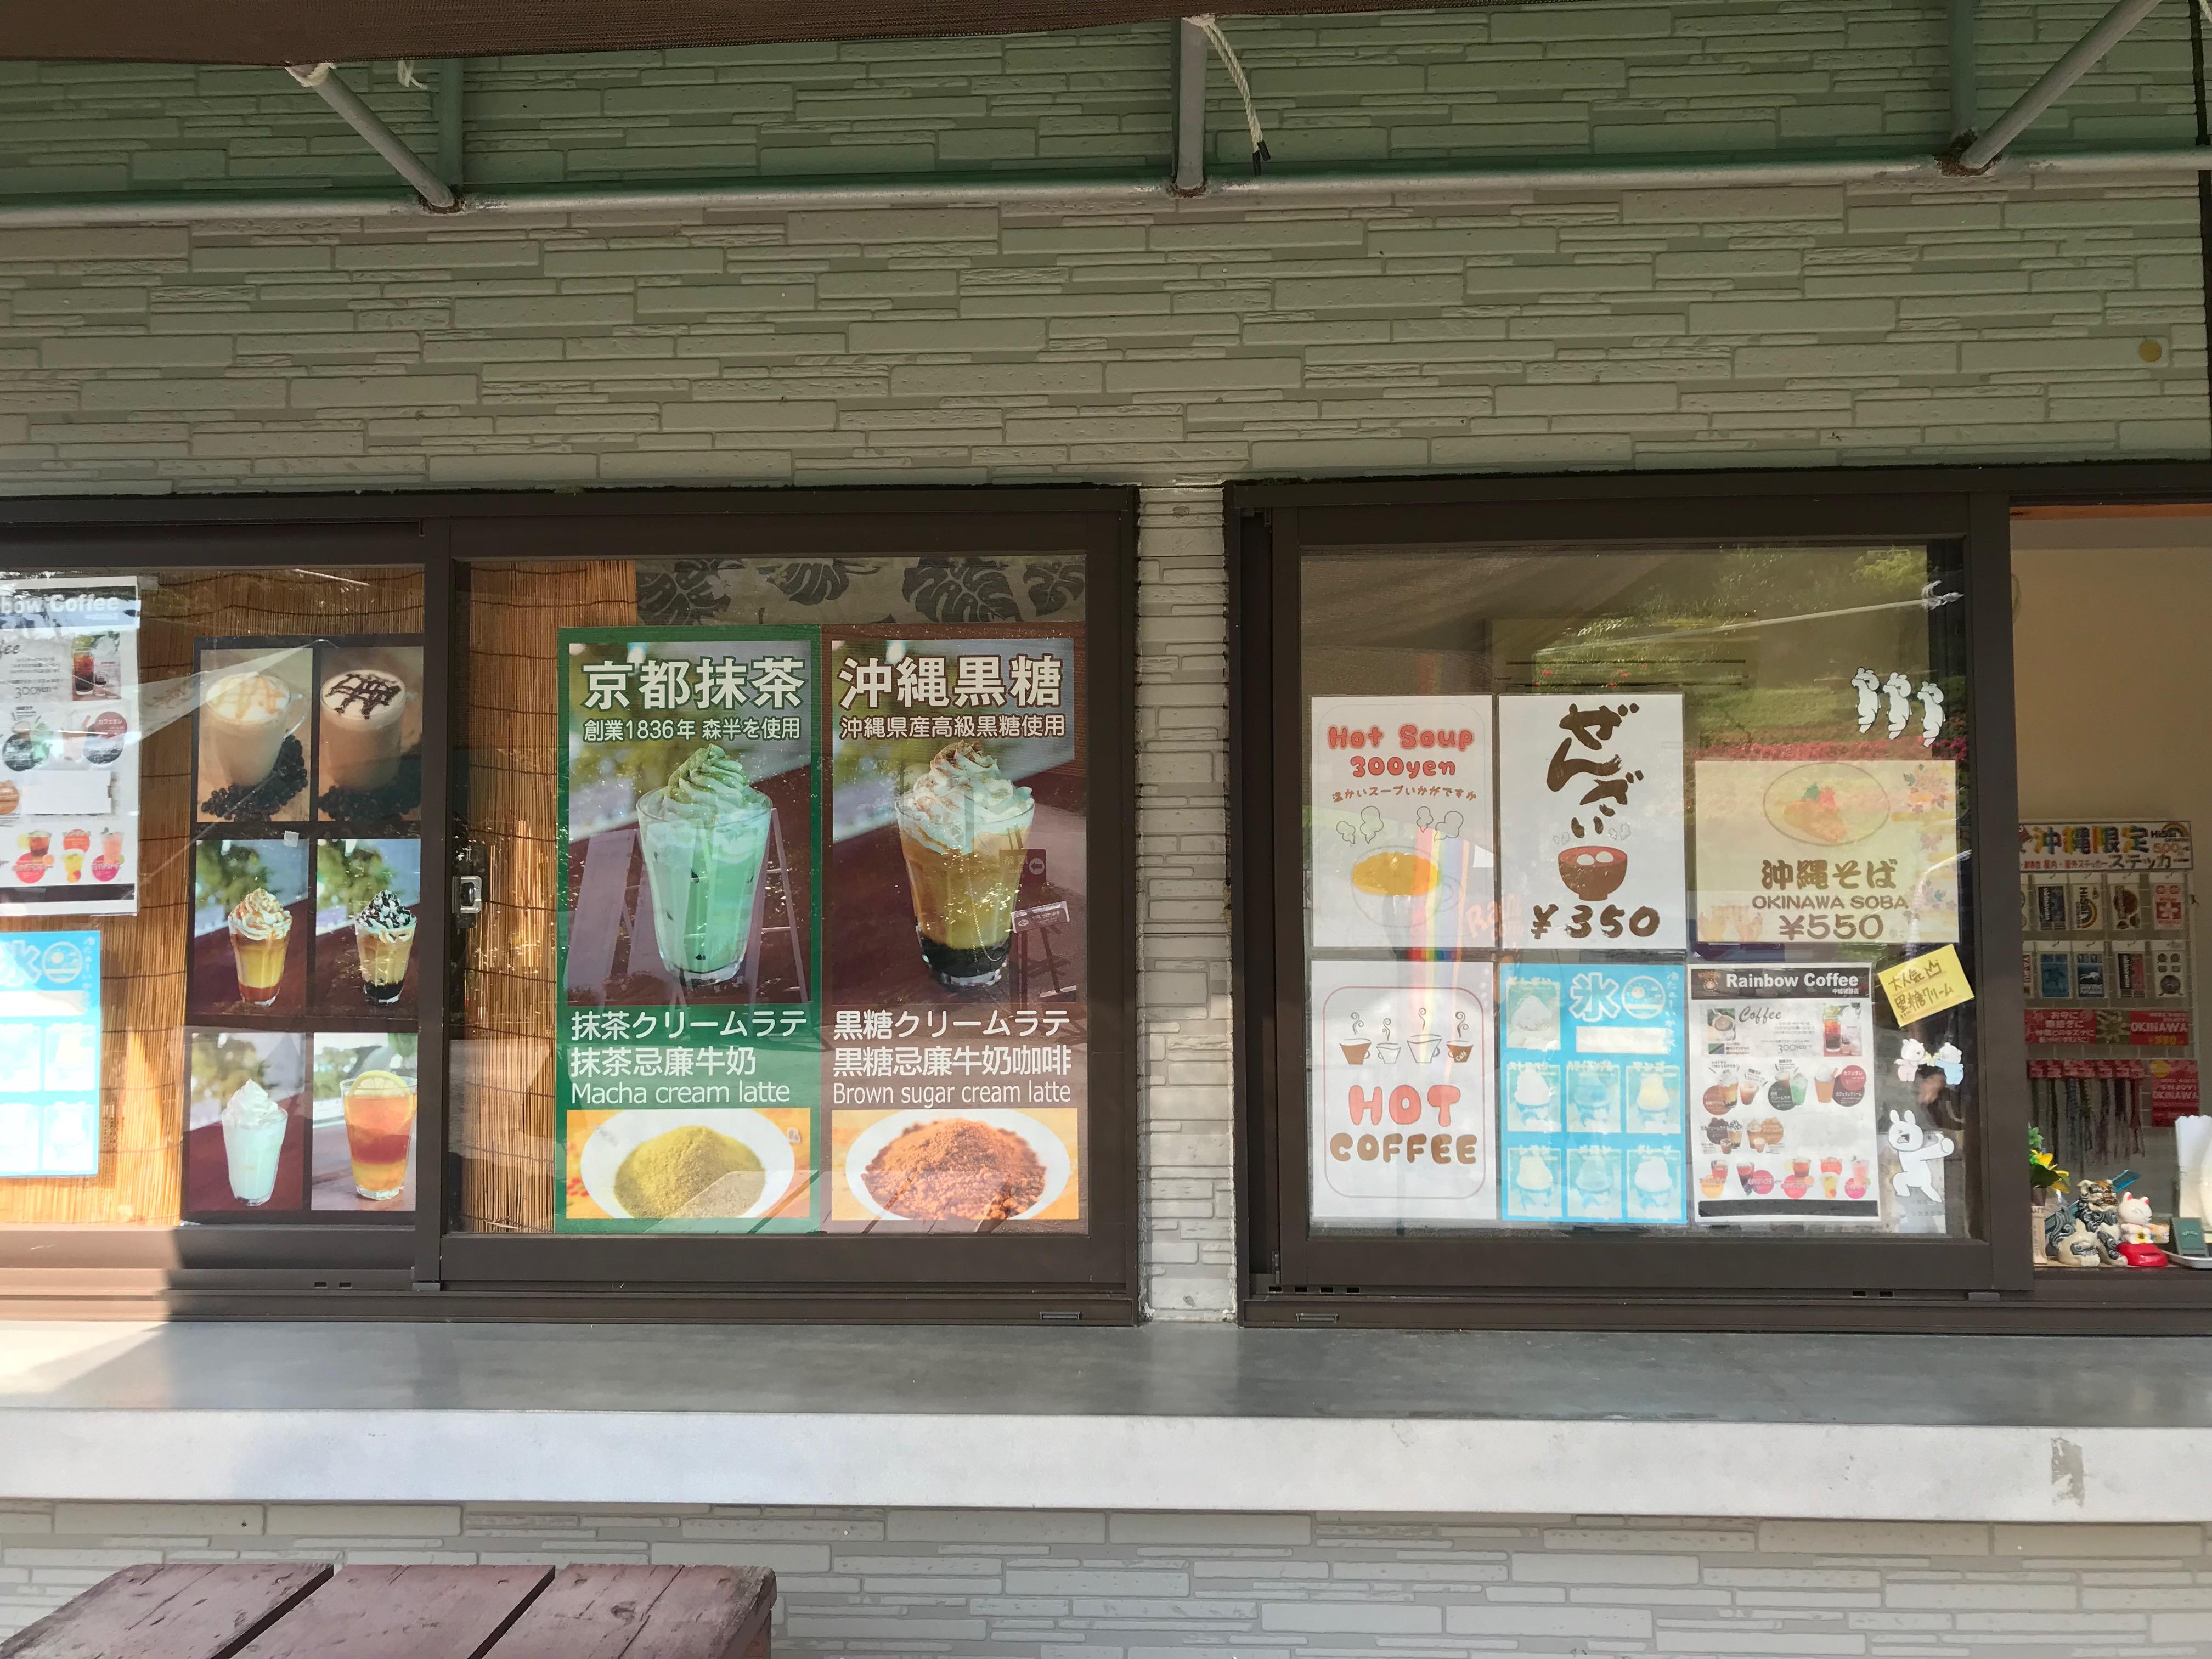 中城城跡入り口にある売店のアップ画像、メニューが見える写真